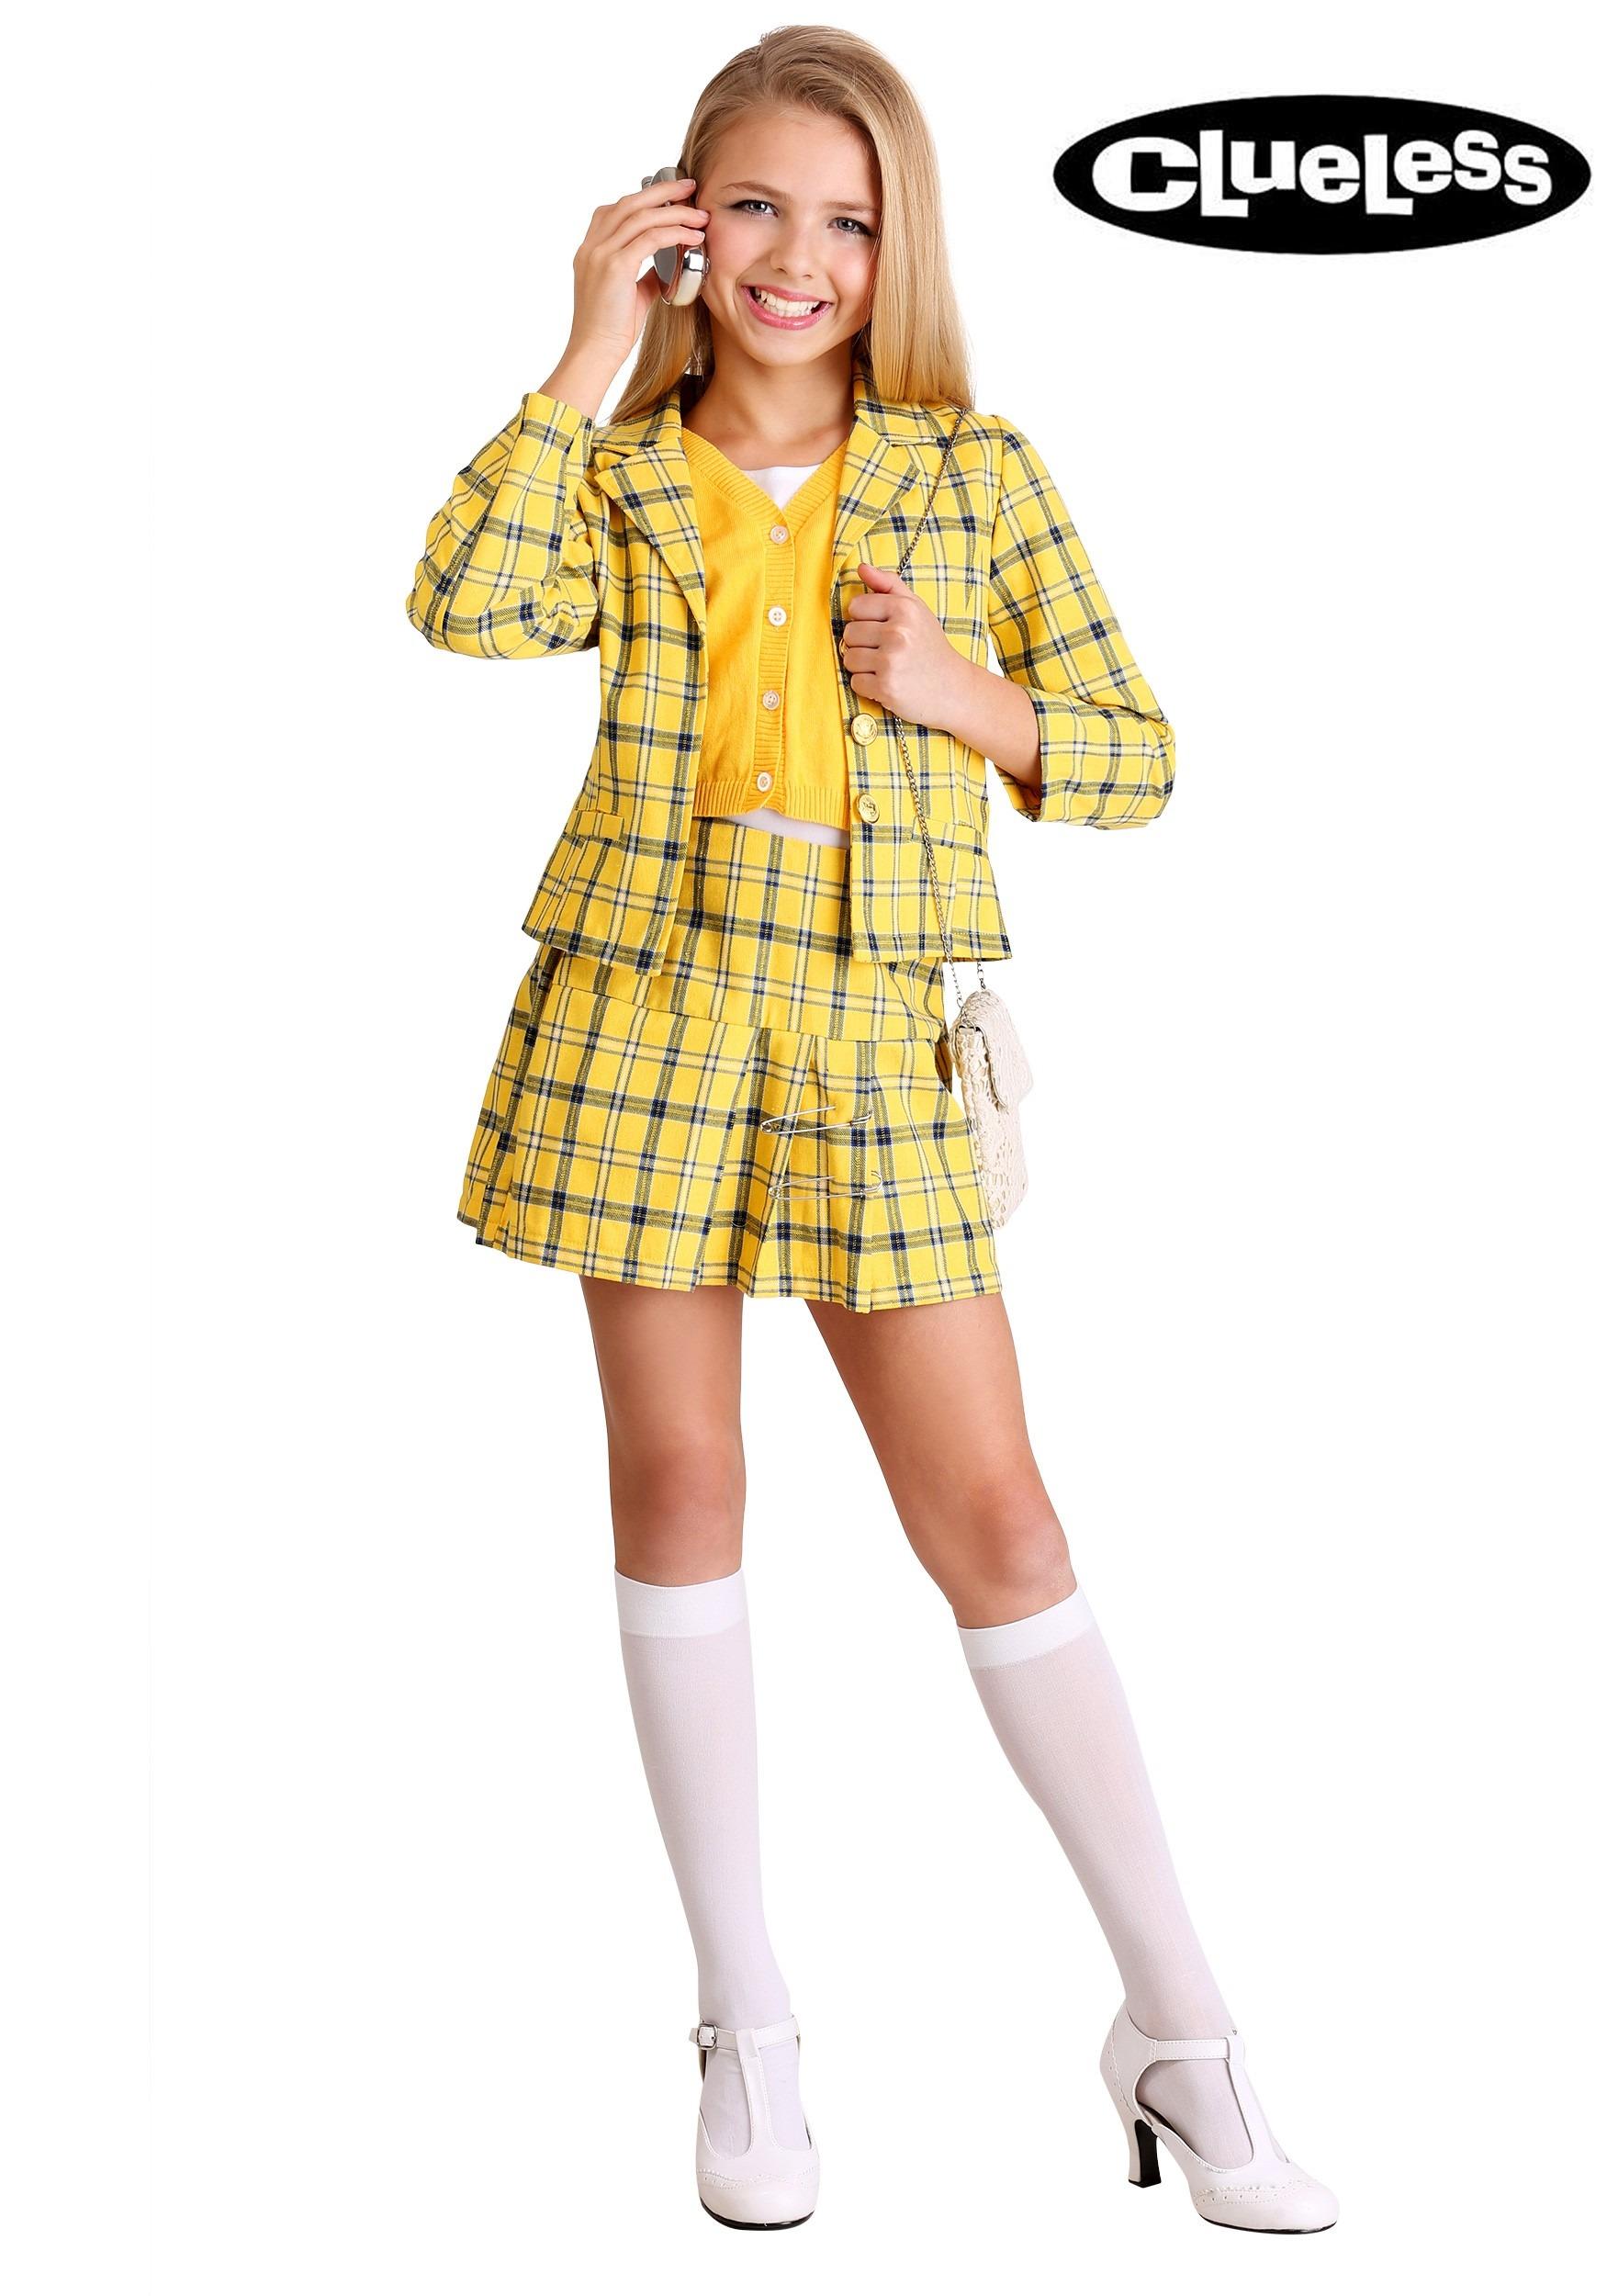 Clueless Cher Girl S Costume